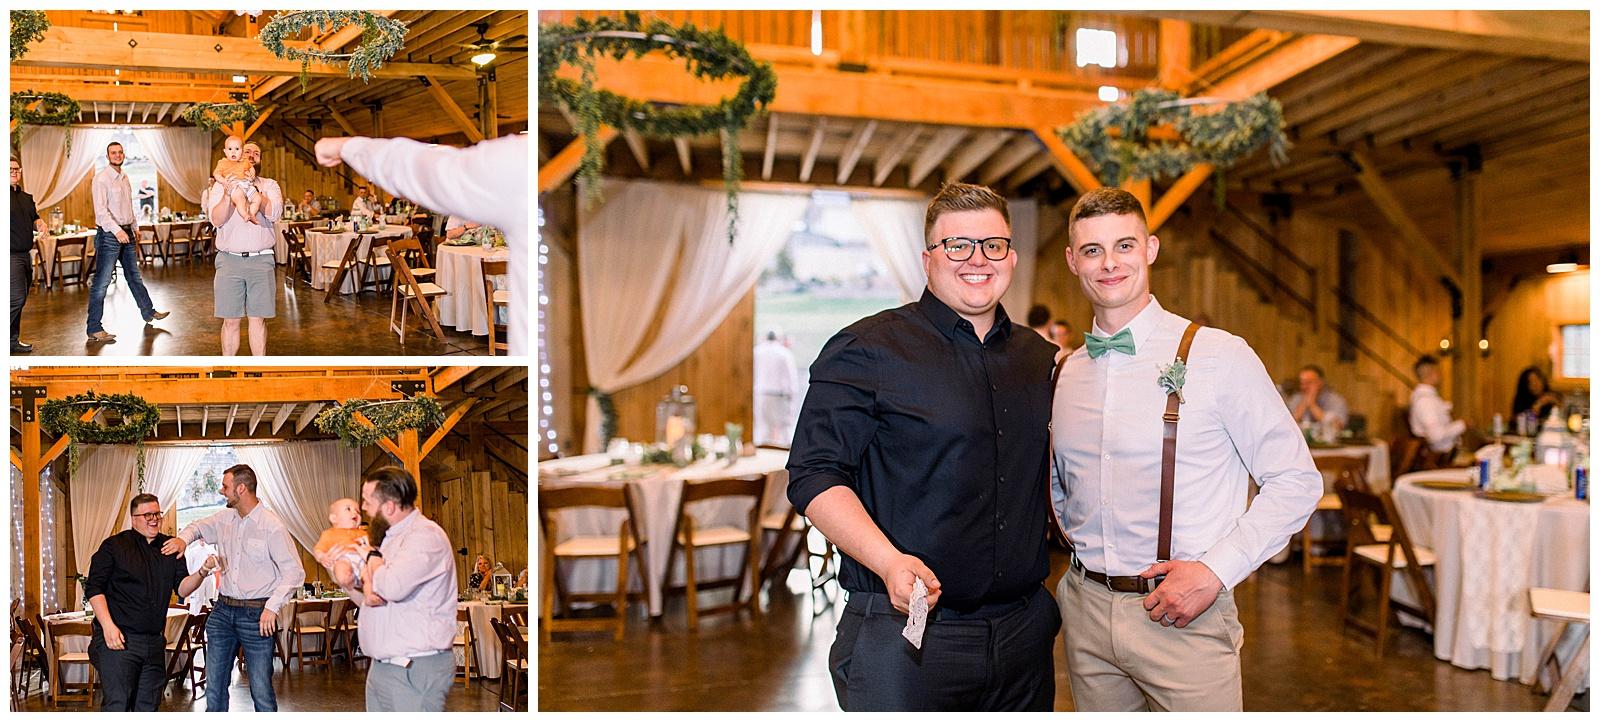 Lewis-Kara-Blakeman-Photography-Huntington-West-Virginia-Wedding-Barn-Olde-Homestead-59